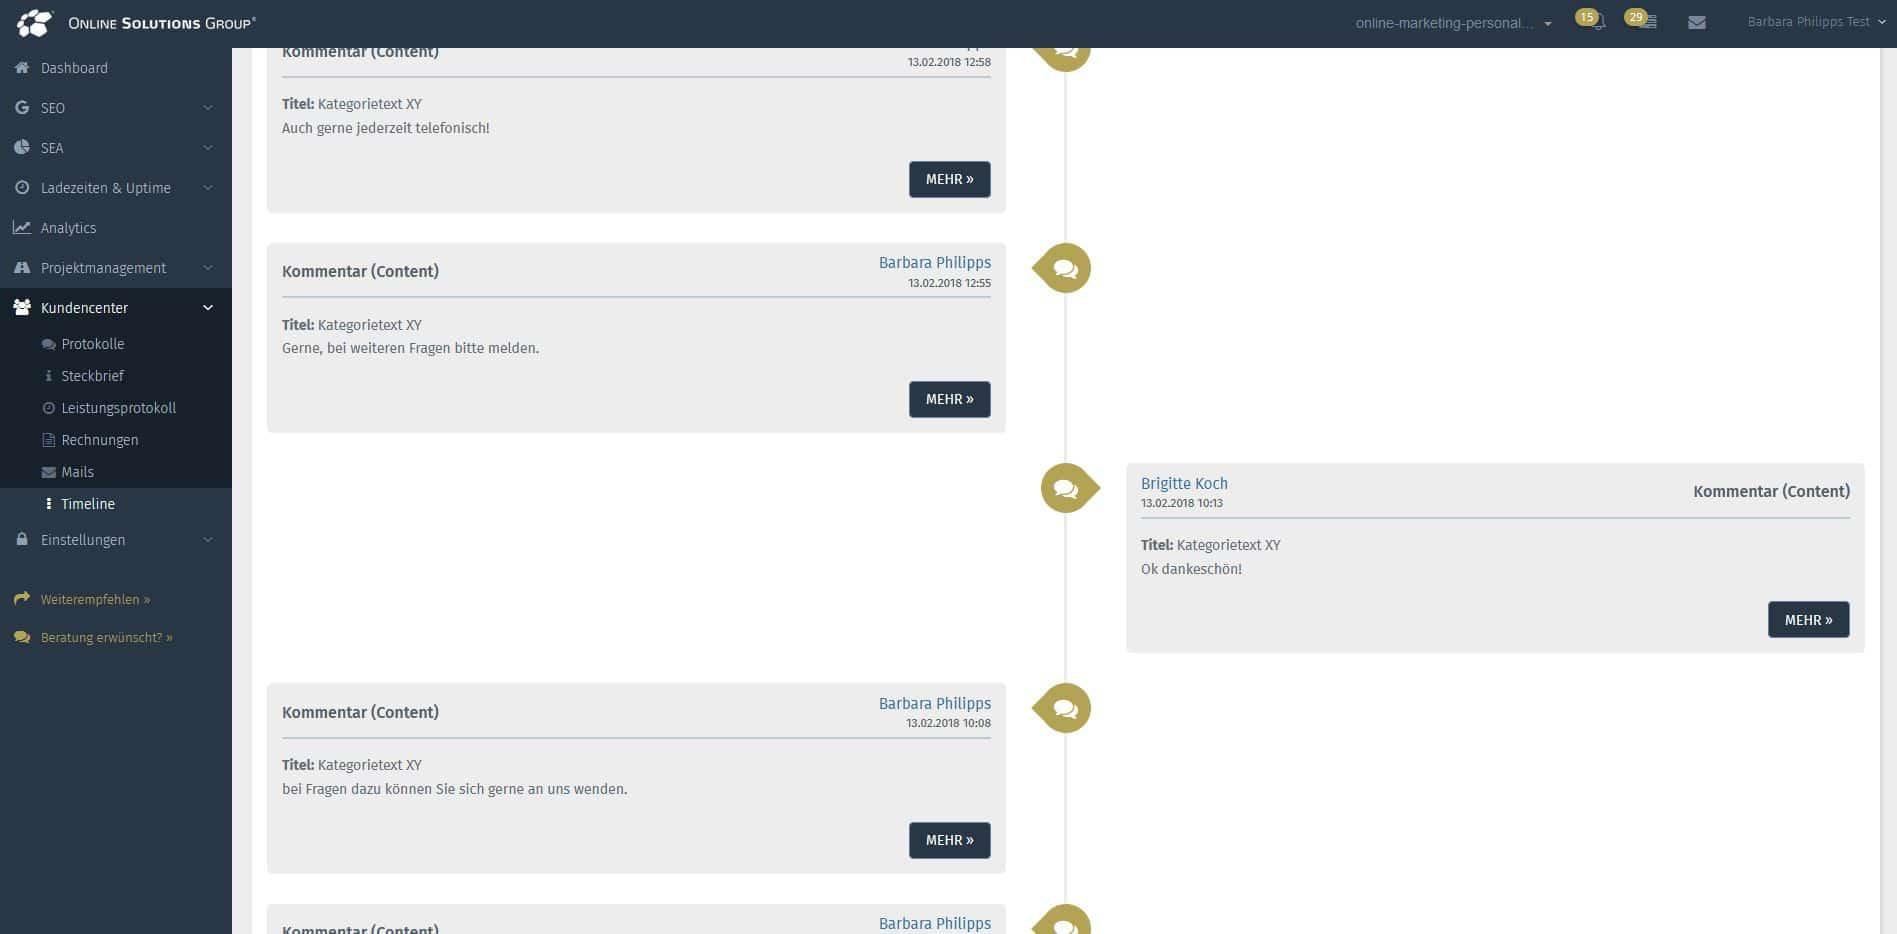 Screenshot von der Timeline im Kundencenter der OSG Performance Suite